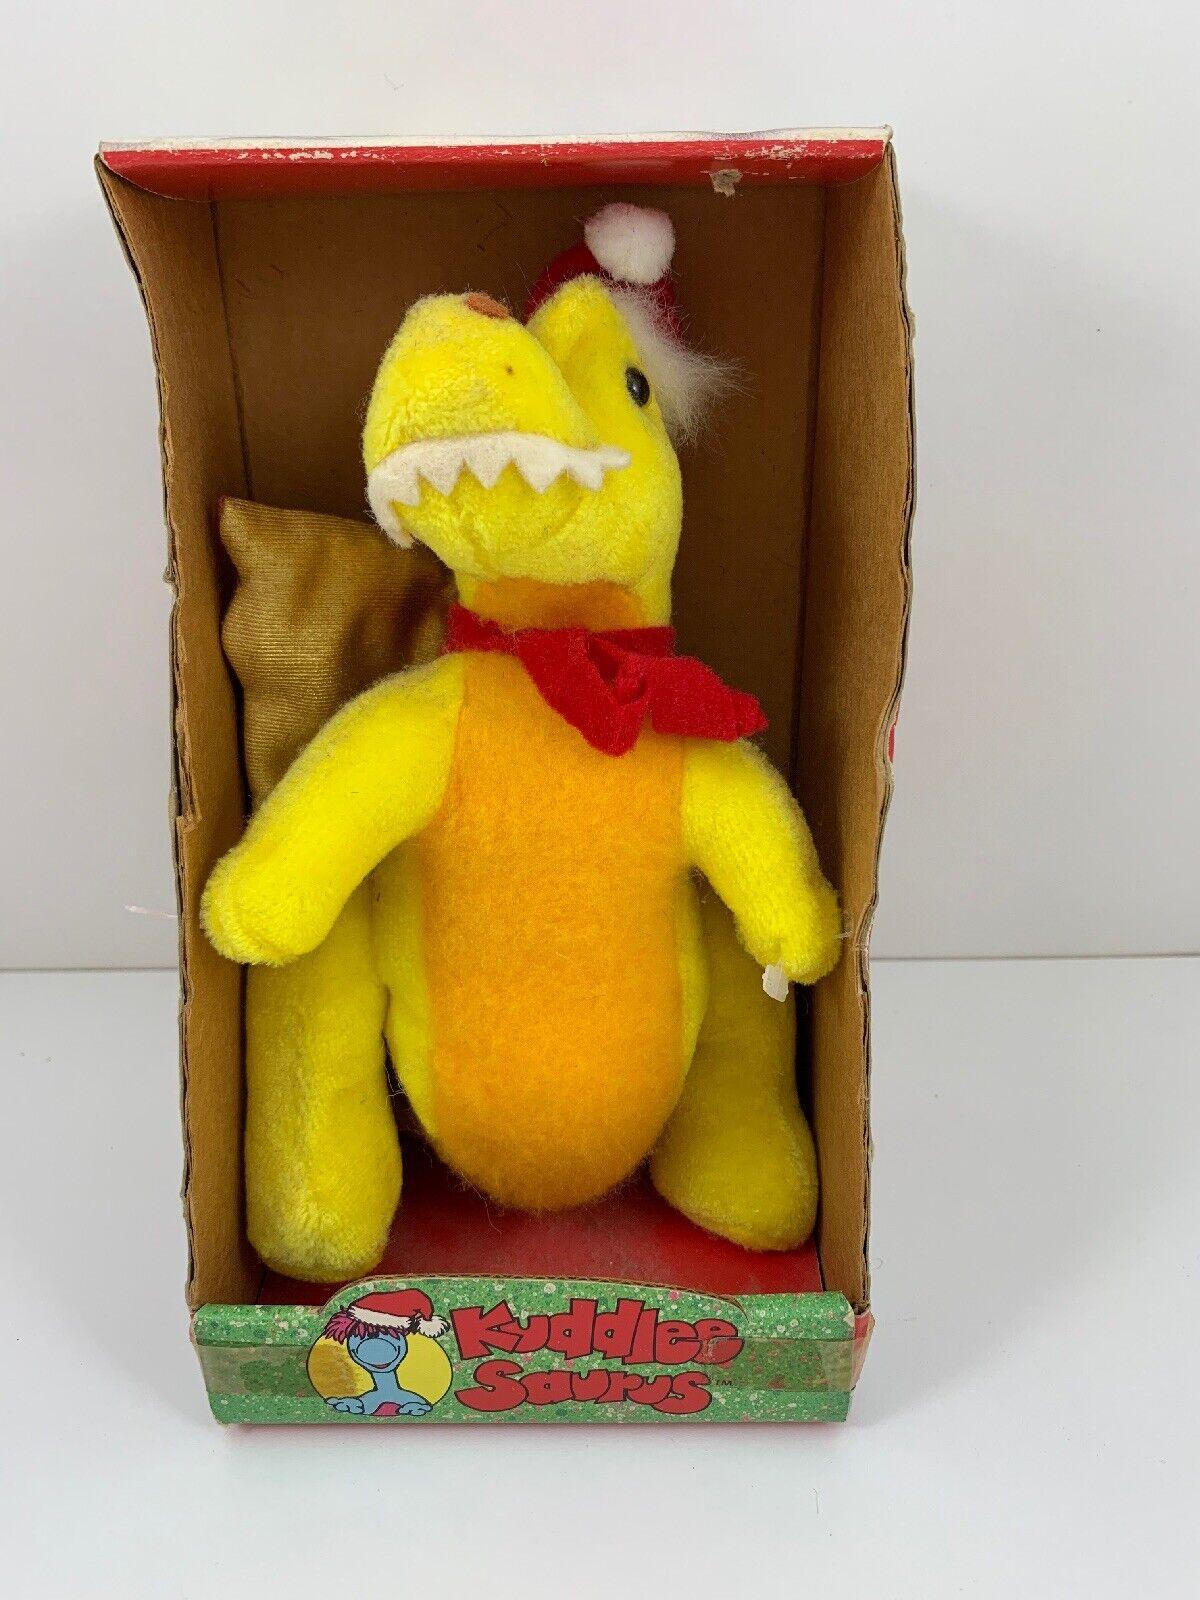 New In Box HTF Kuddlee Saurus 1987 Tara Toy Corp Yellow Dinosaur 18300 Christmas